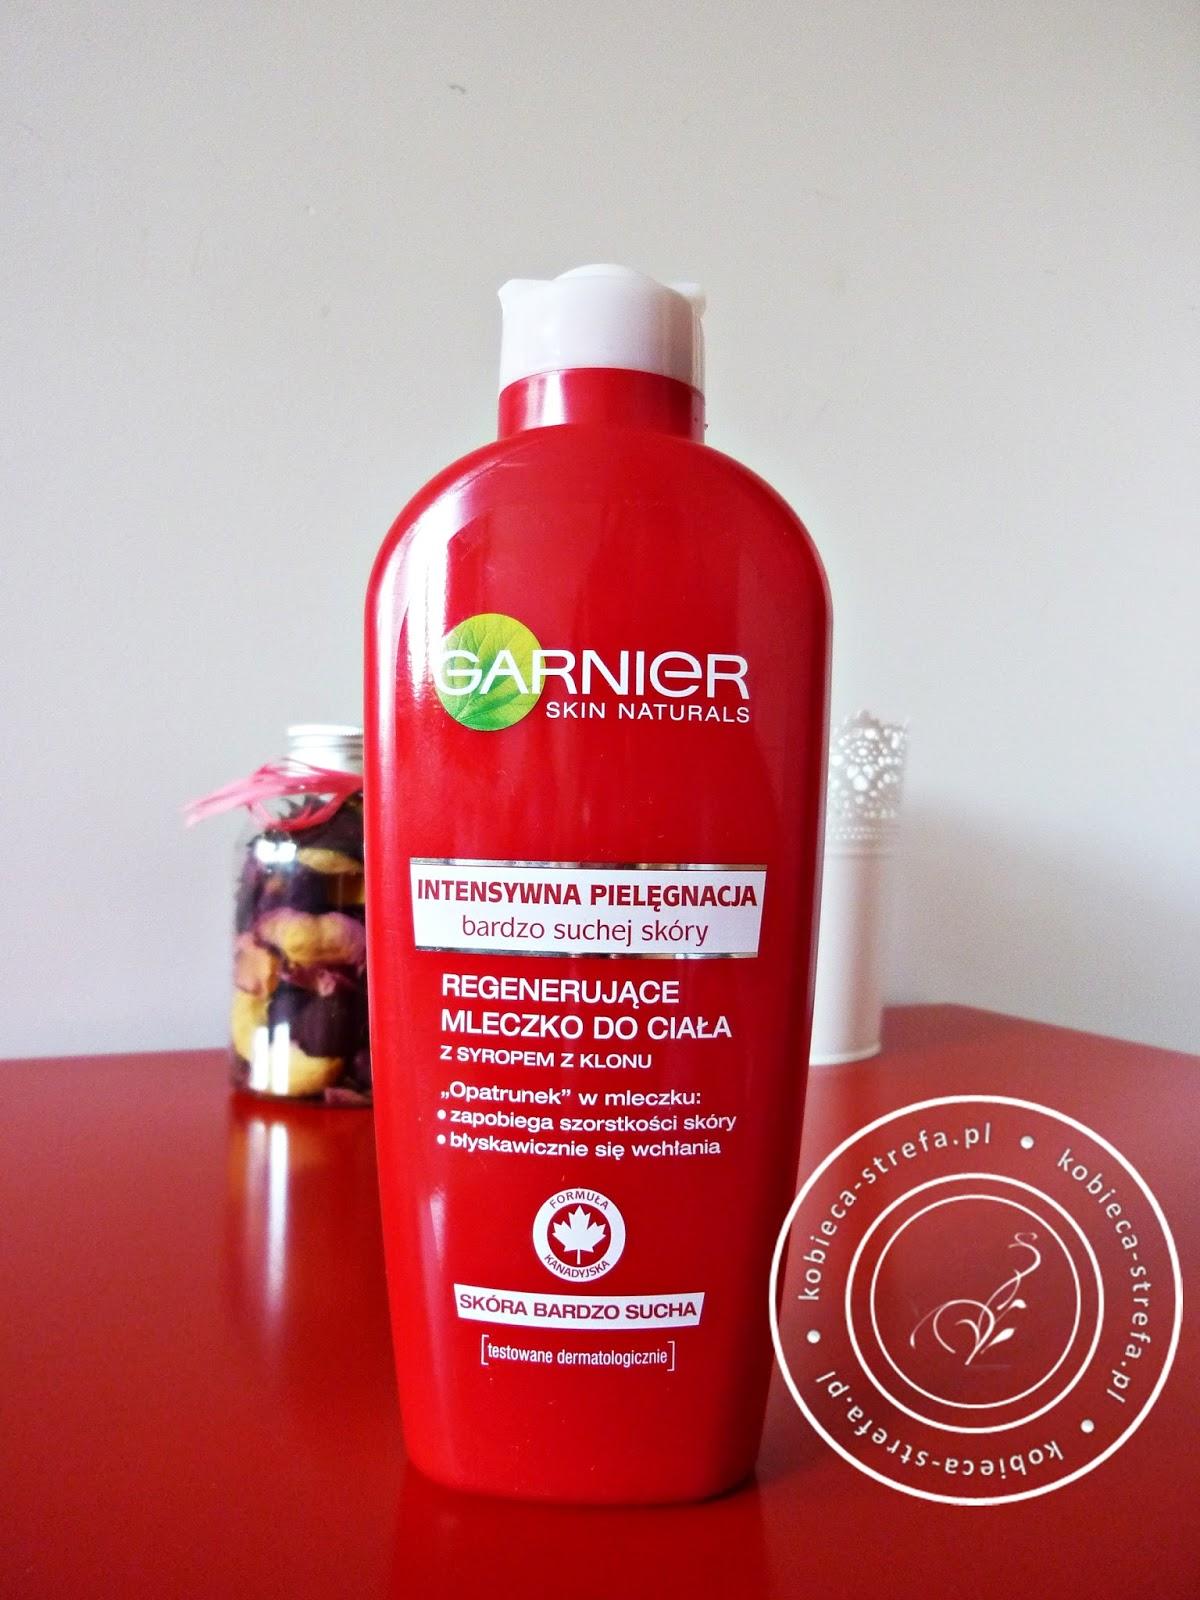 Garnier Skin Naturals – regenerujące mleczko do ciała z syropem klonu – intensywna pielęgnacja bardzo suchej skóry